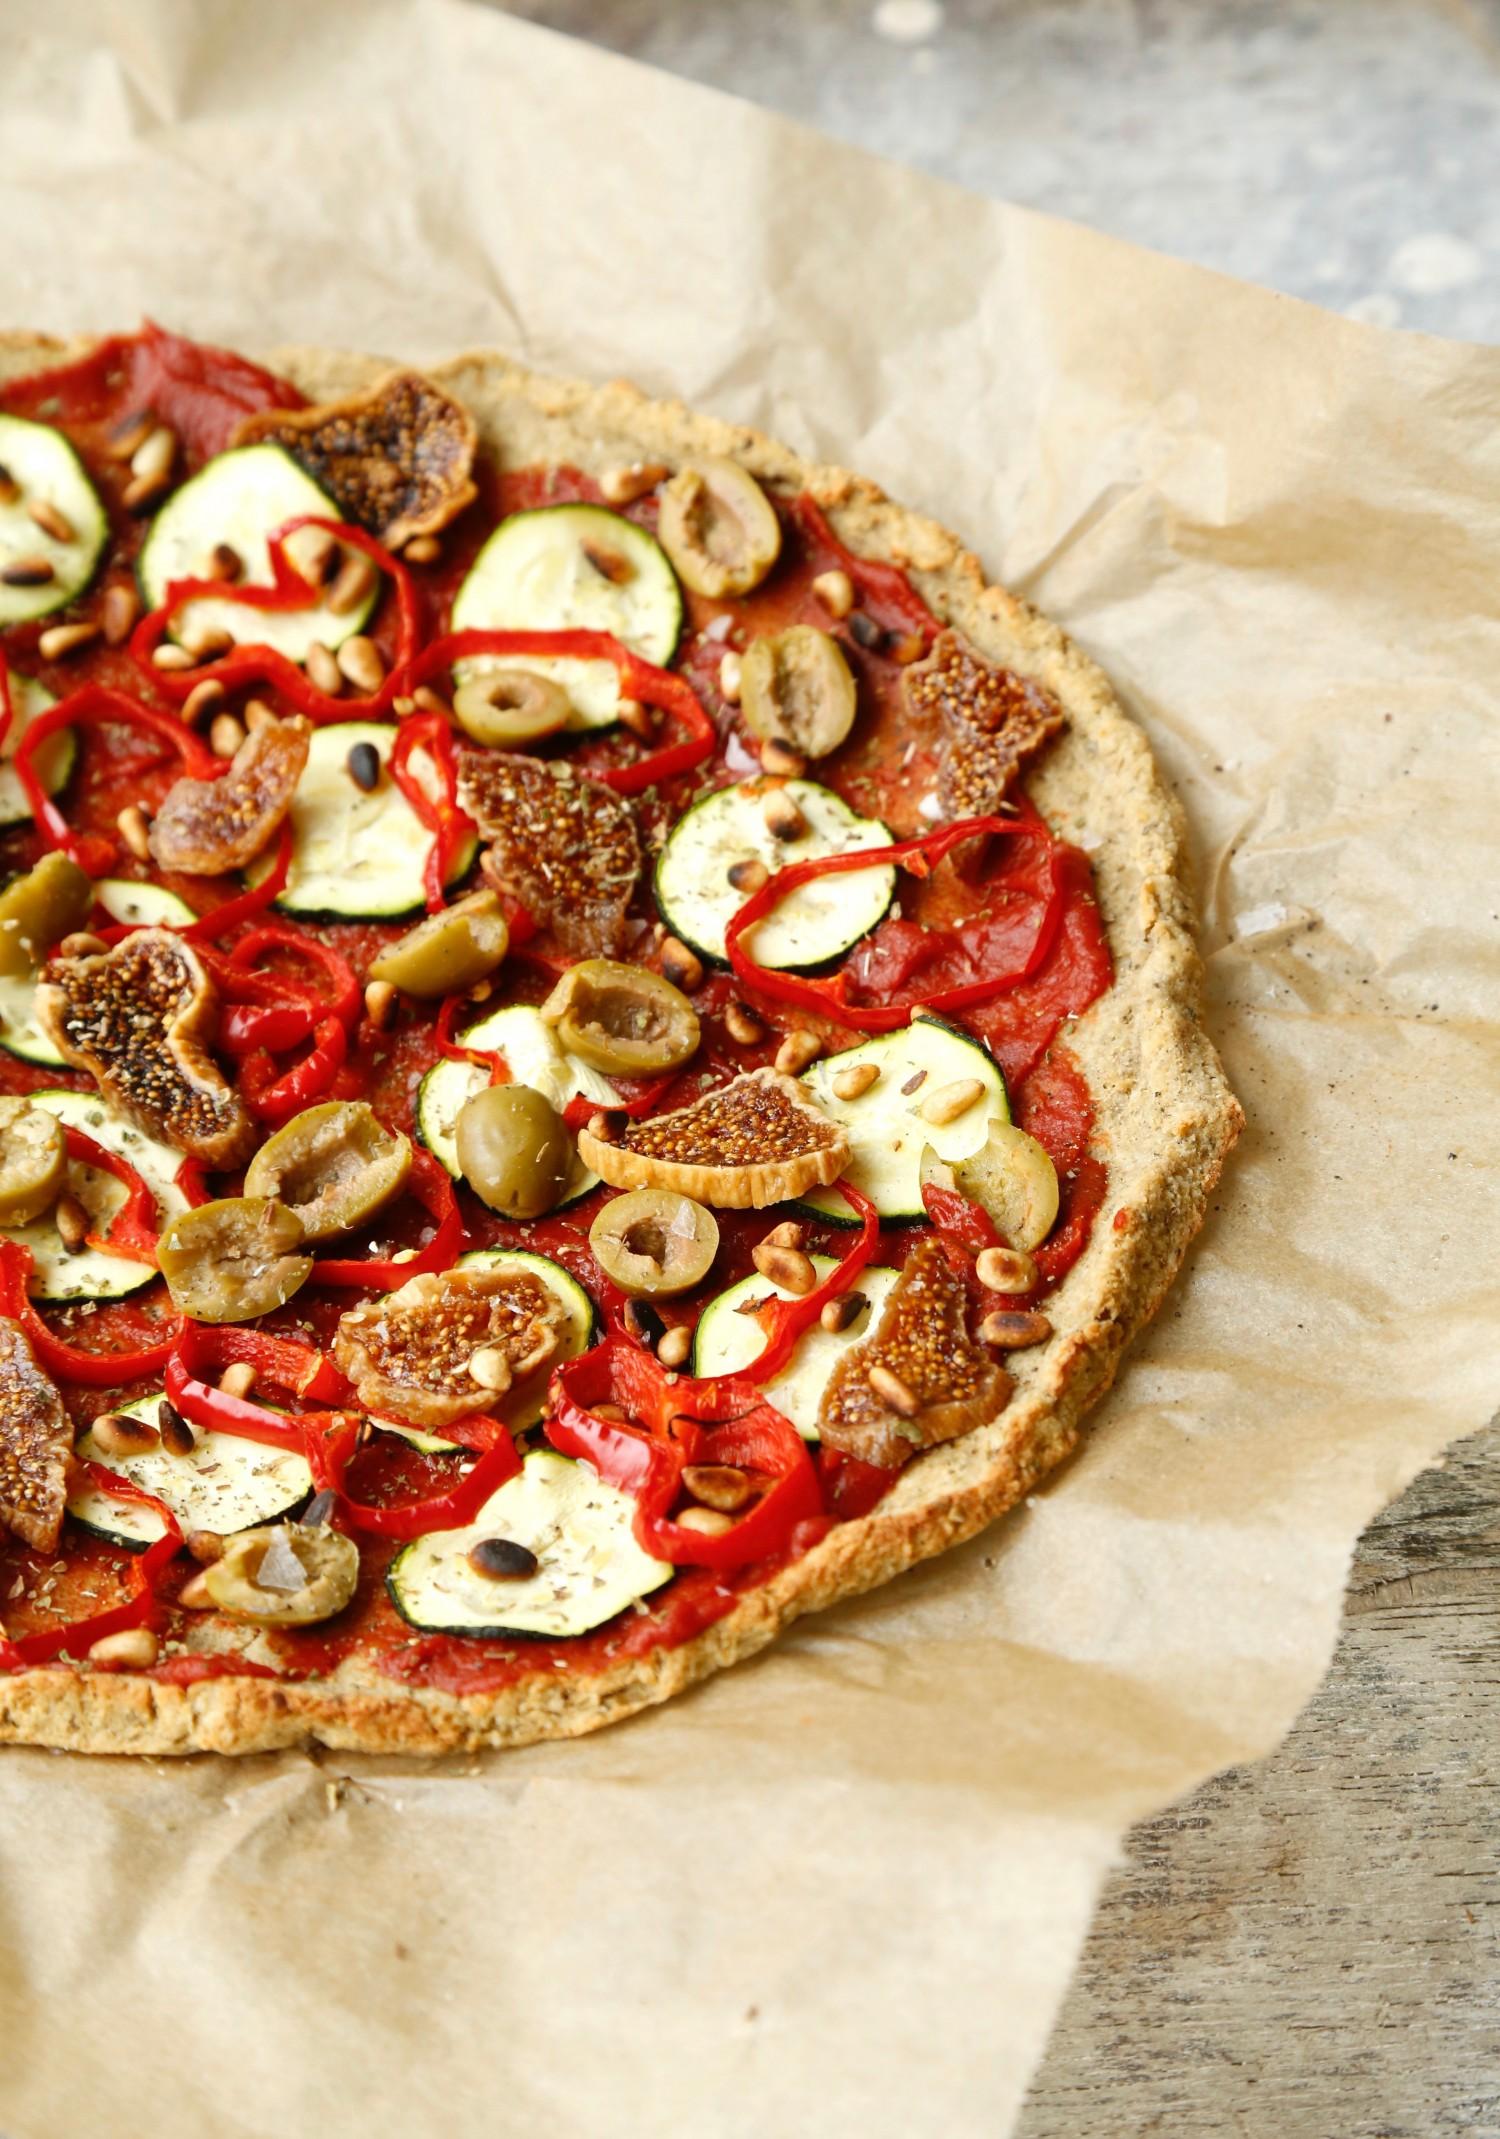 nem-blomkaalspizza-glutenfri-og-vegansk-opskrift-1-2